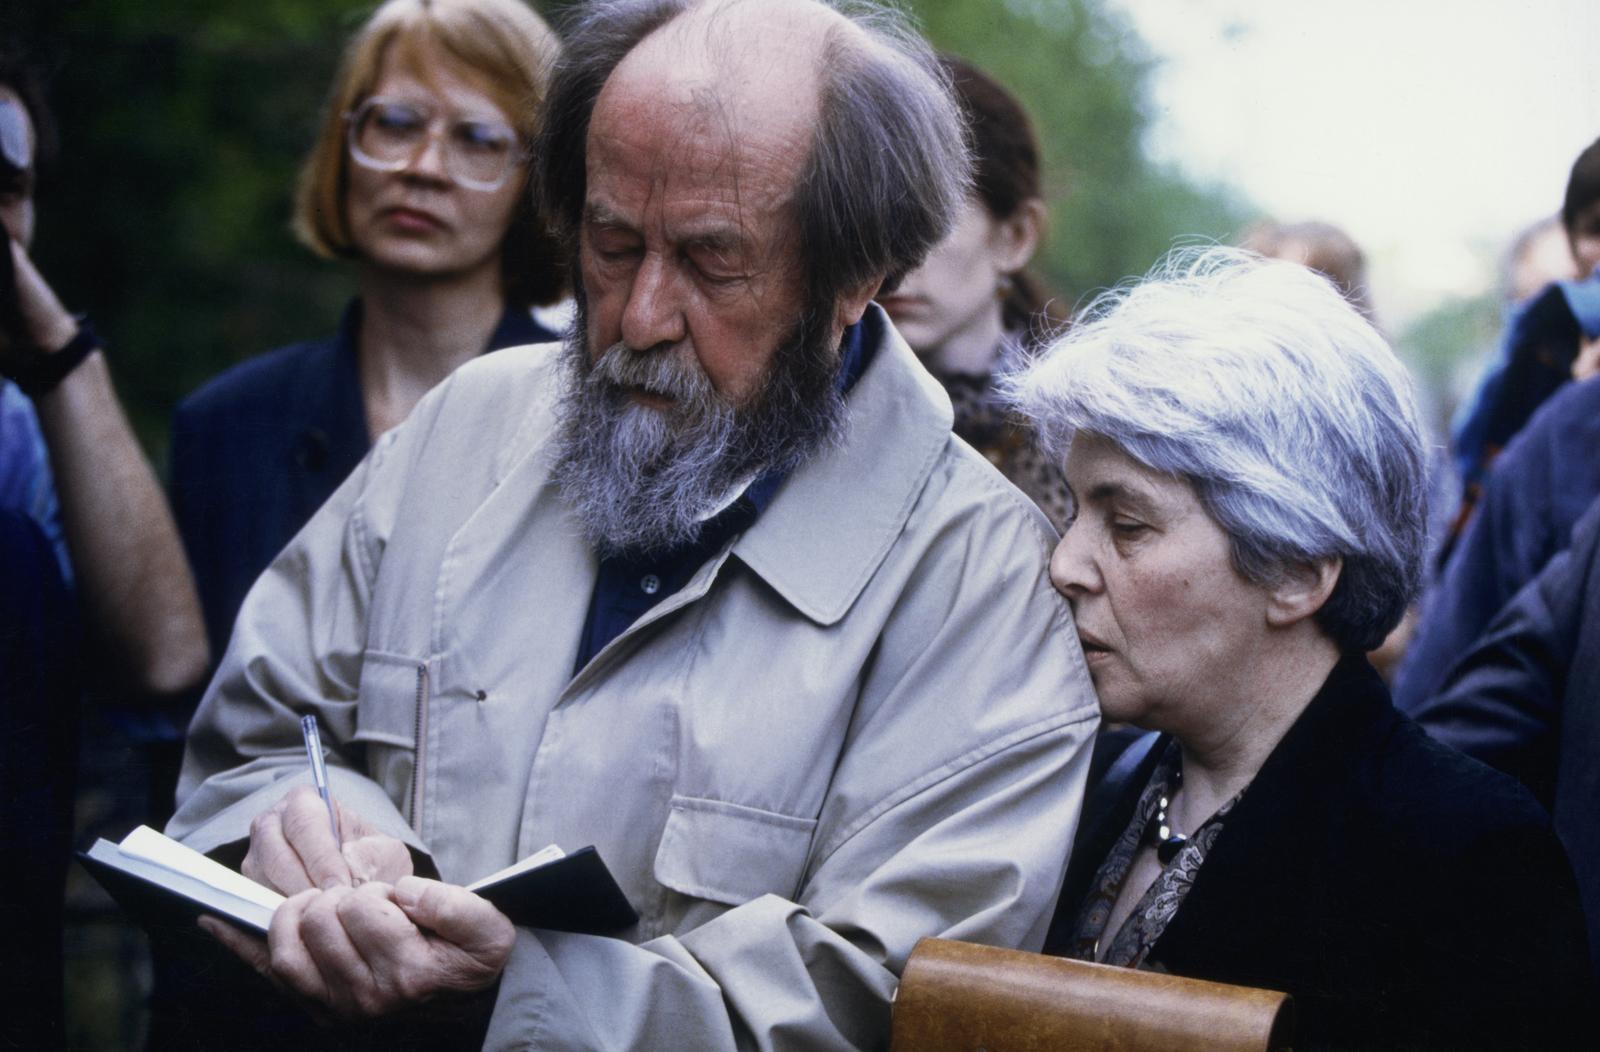 20181123_07-59-Наталия Солженицына- К трудам мужа возвращаются, когда ситуация становится тревожной-pic1